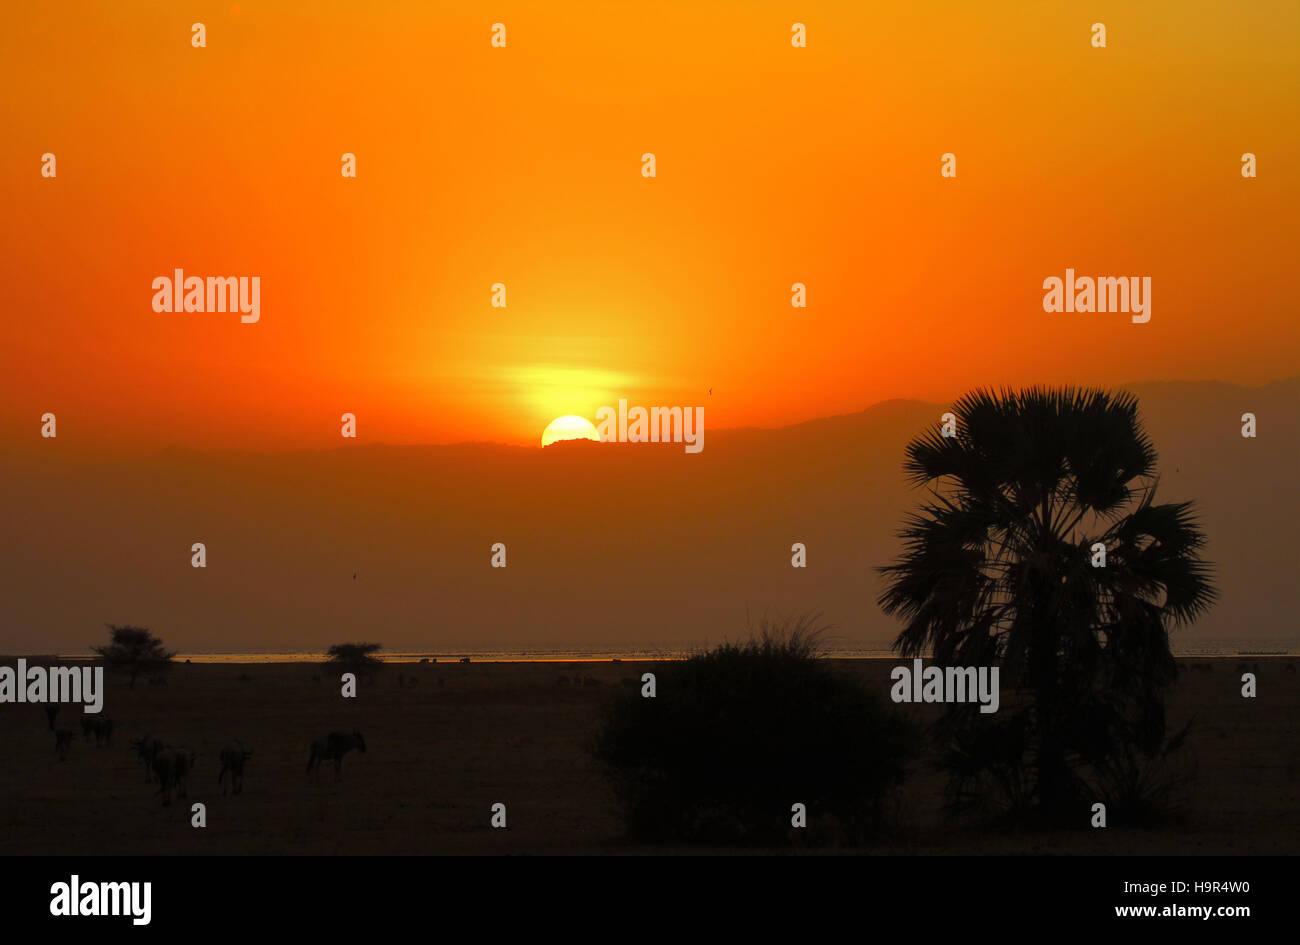 Sonnenuntergang über den Ebenen der Serengeti in Afrika. Stockbild